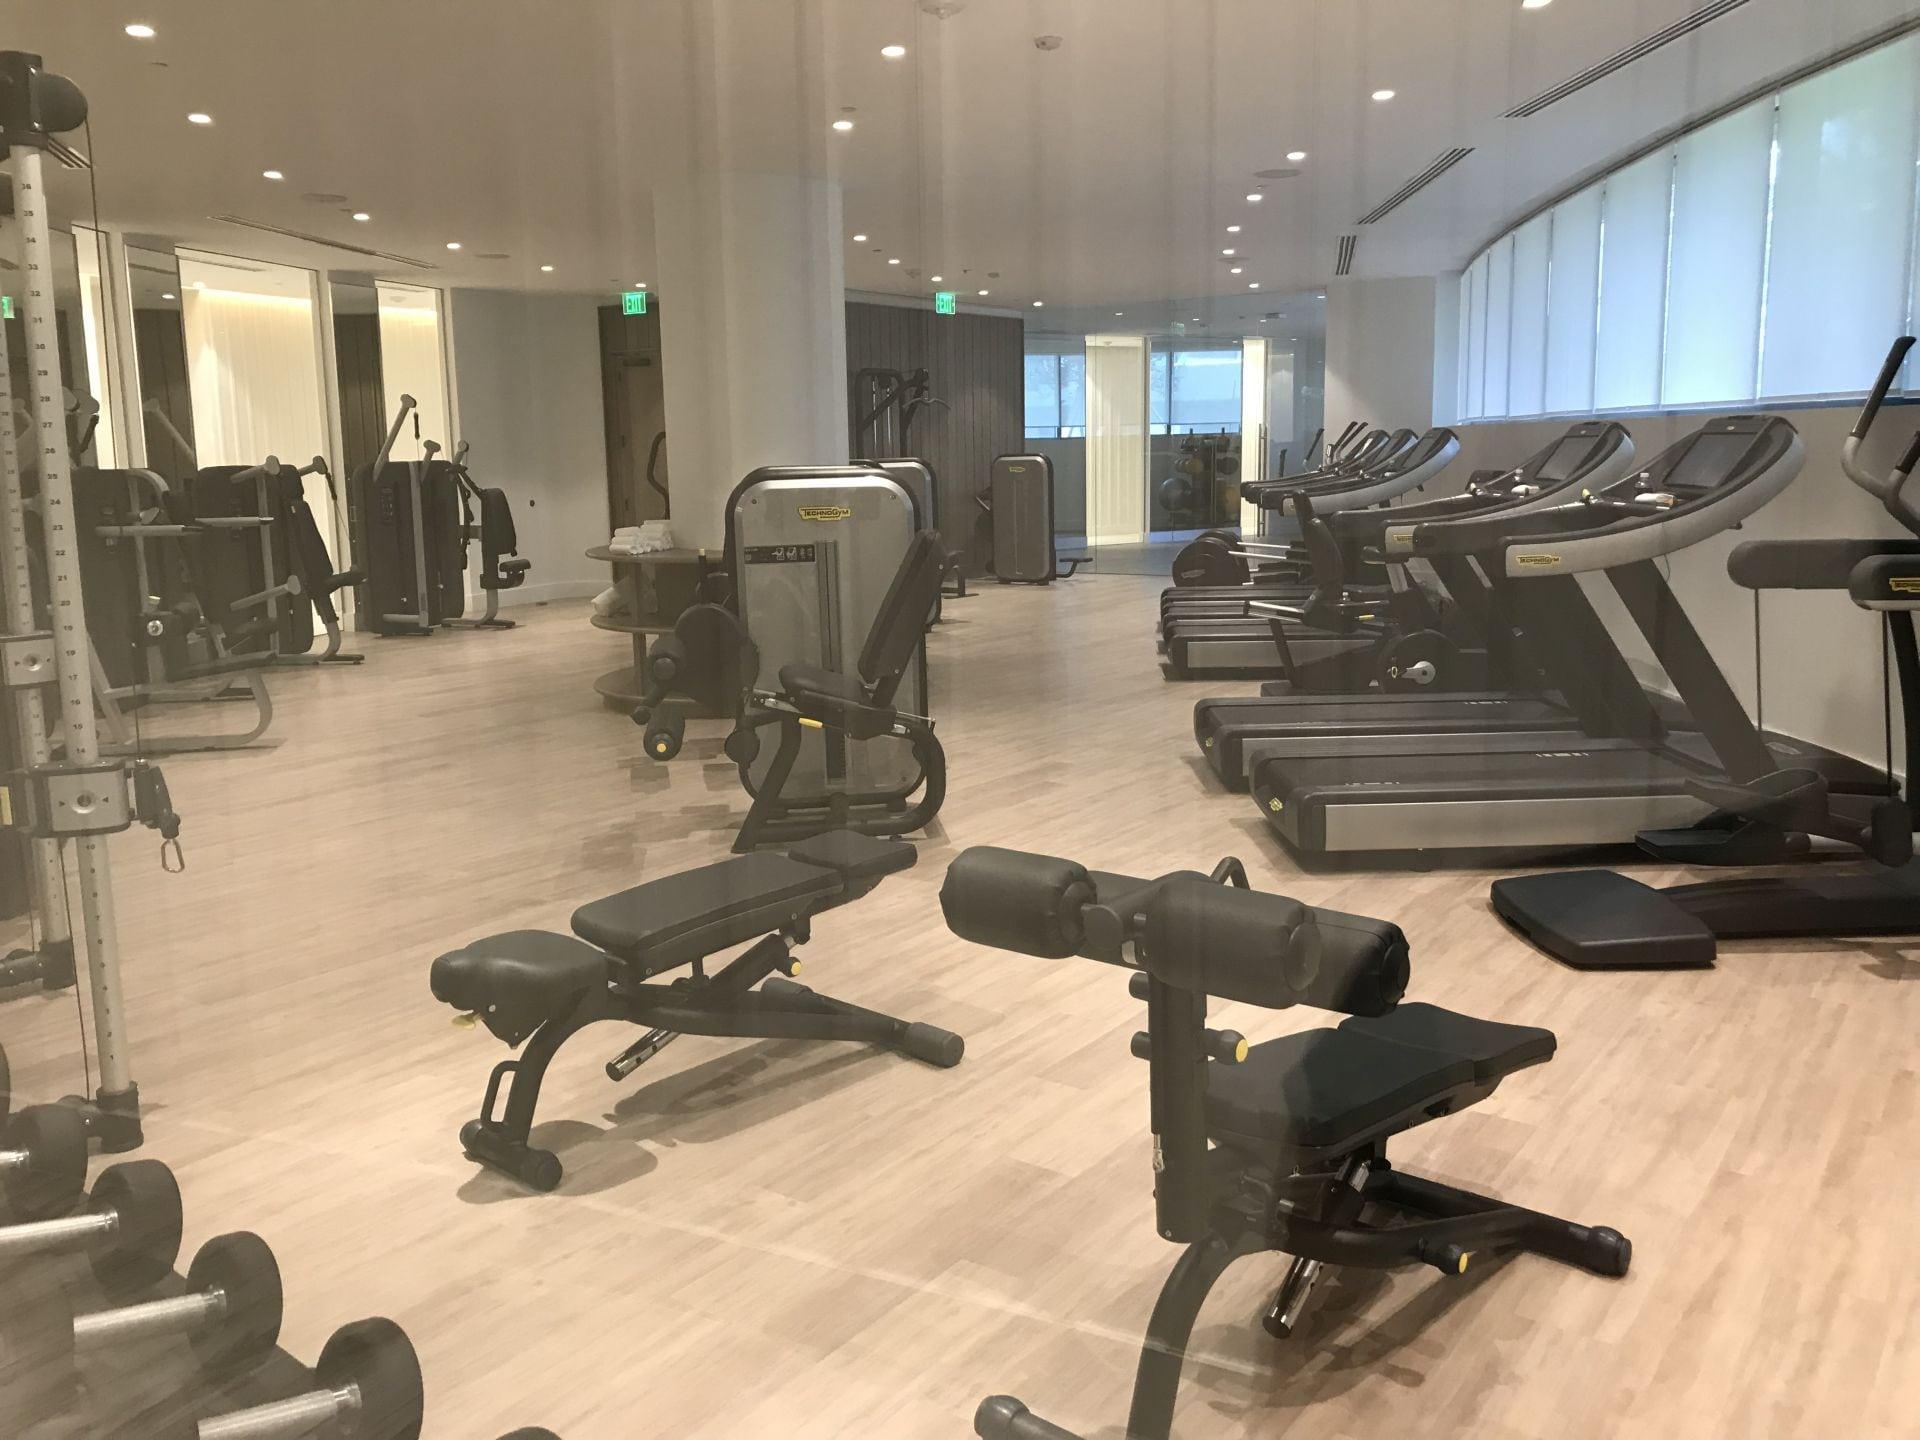 Park Grove fitness center